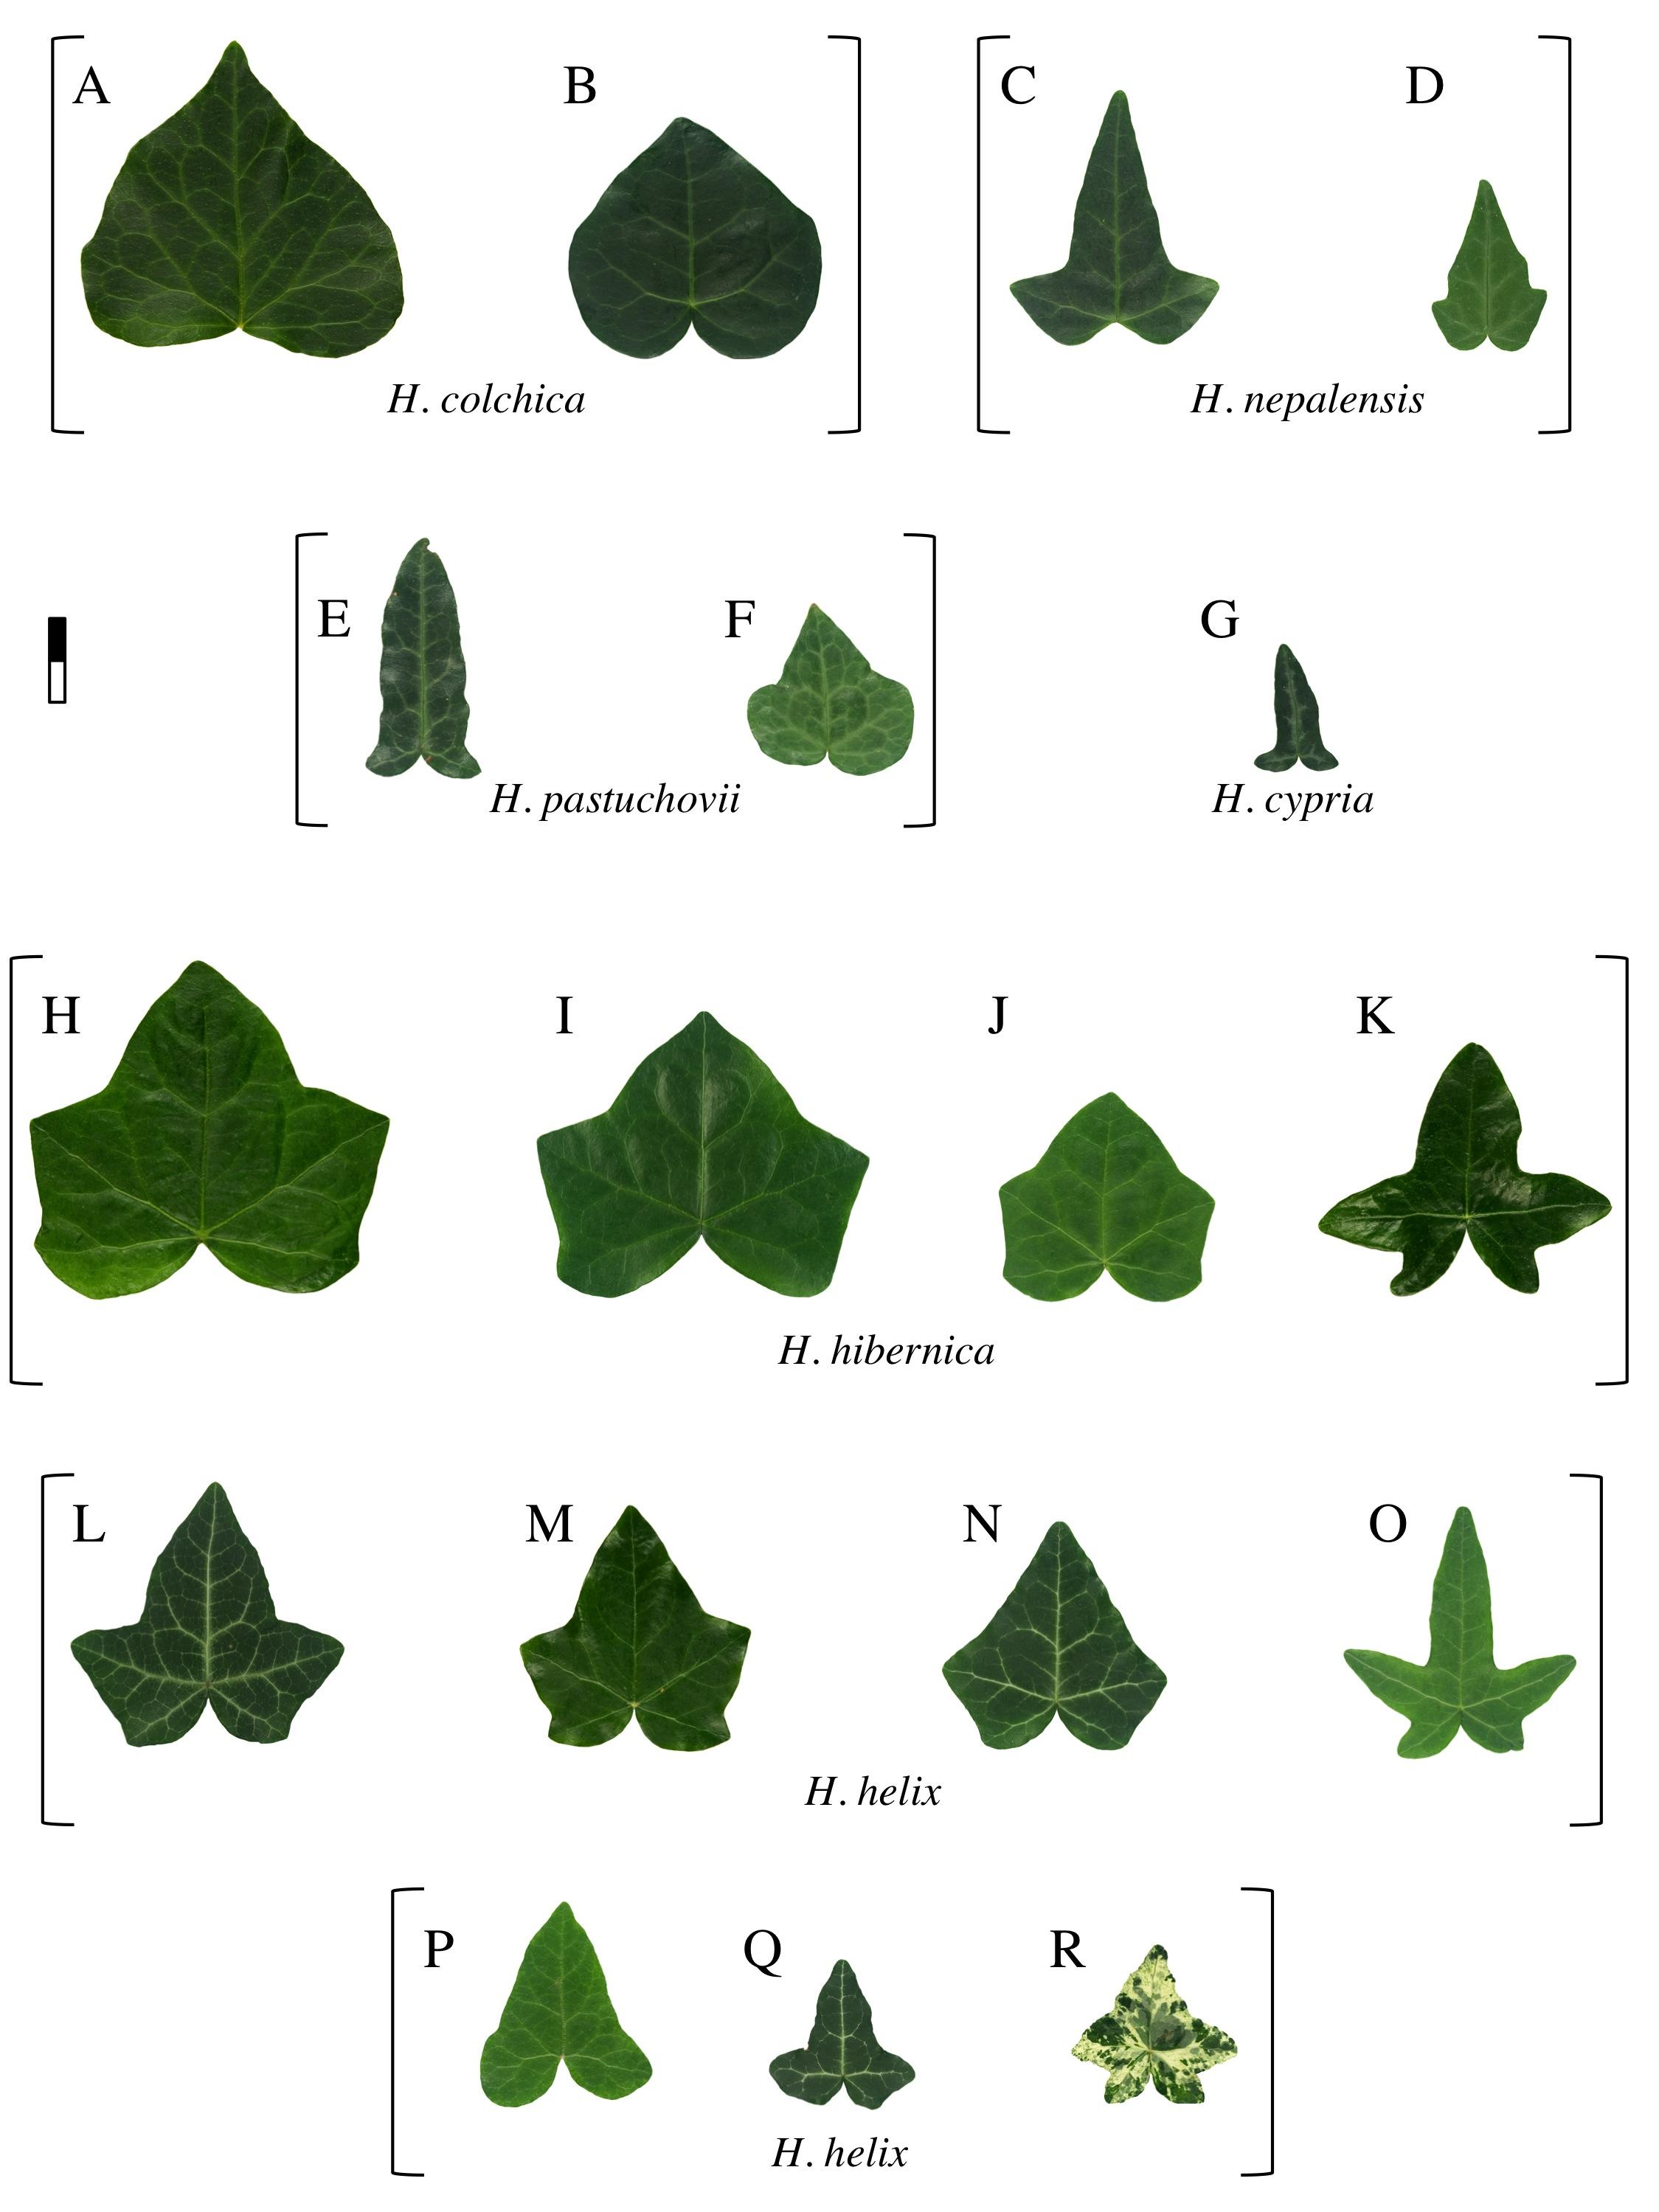 Ivy leaf morphology, plate 2